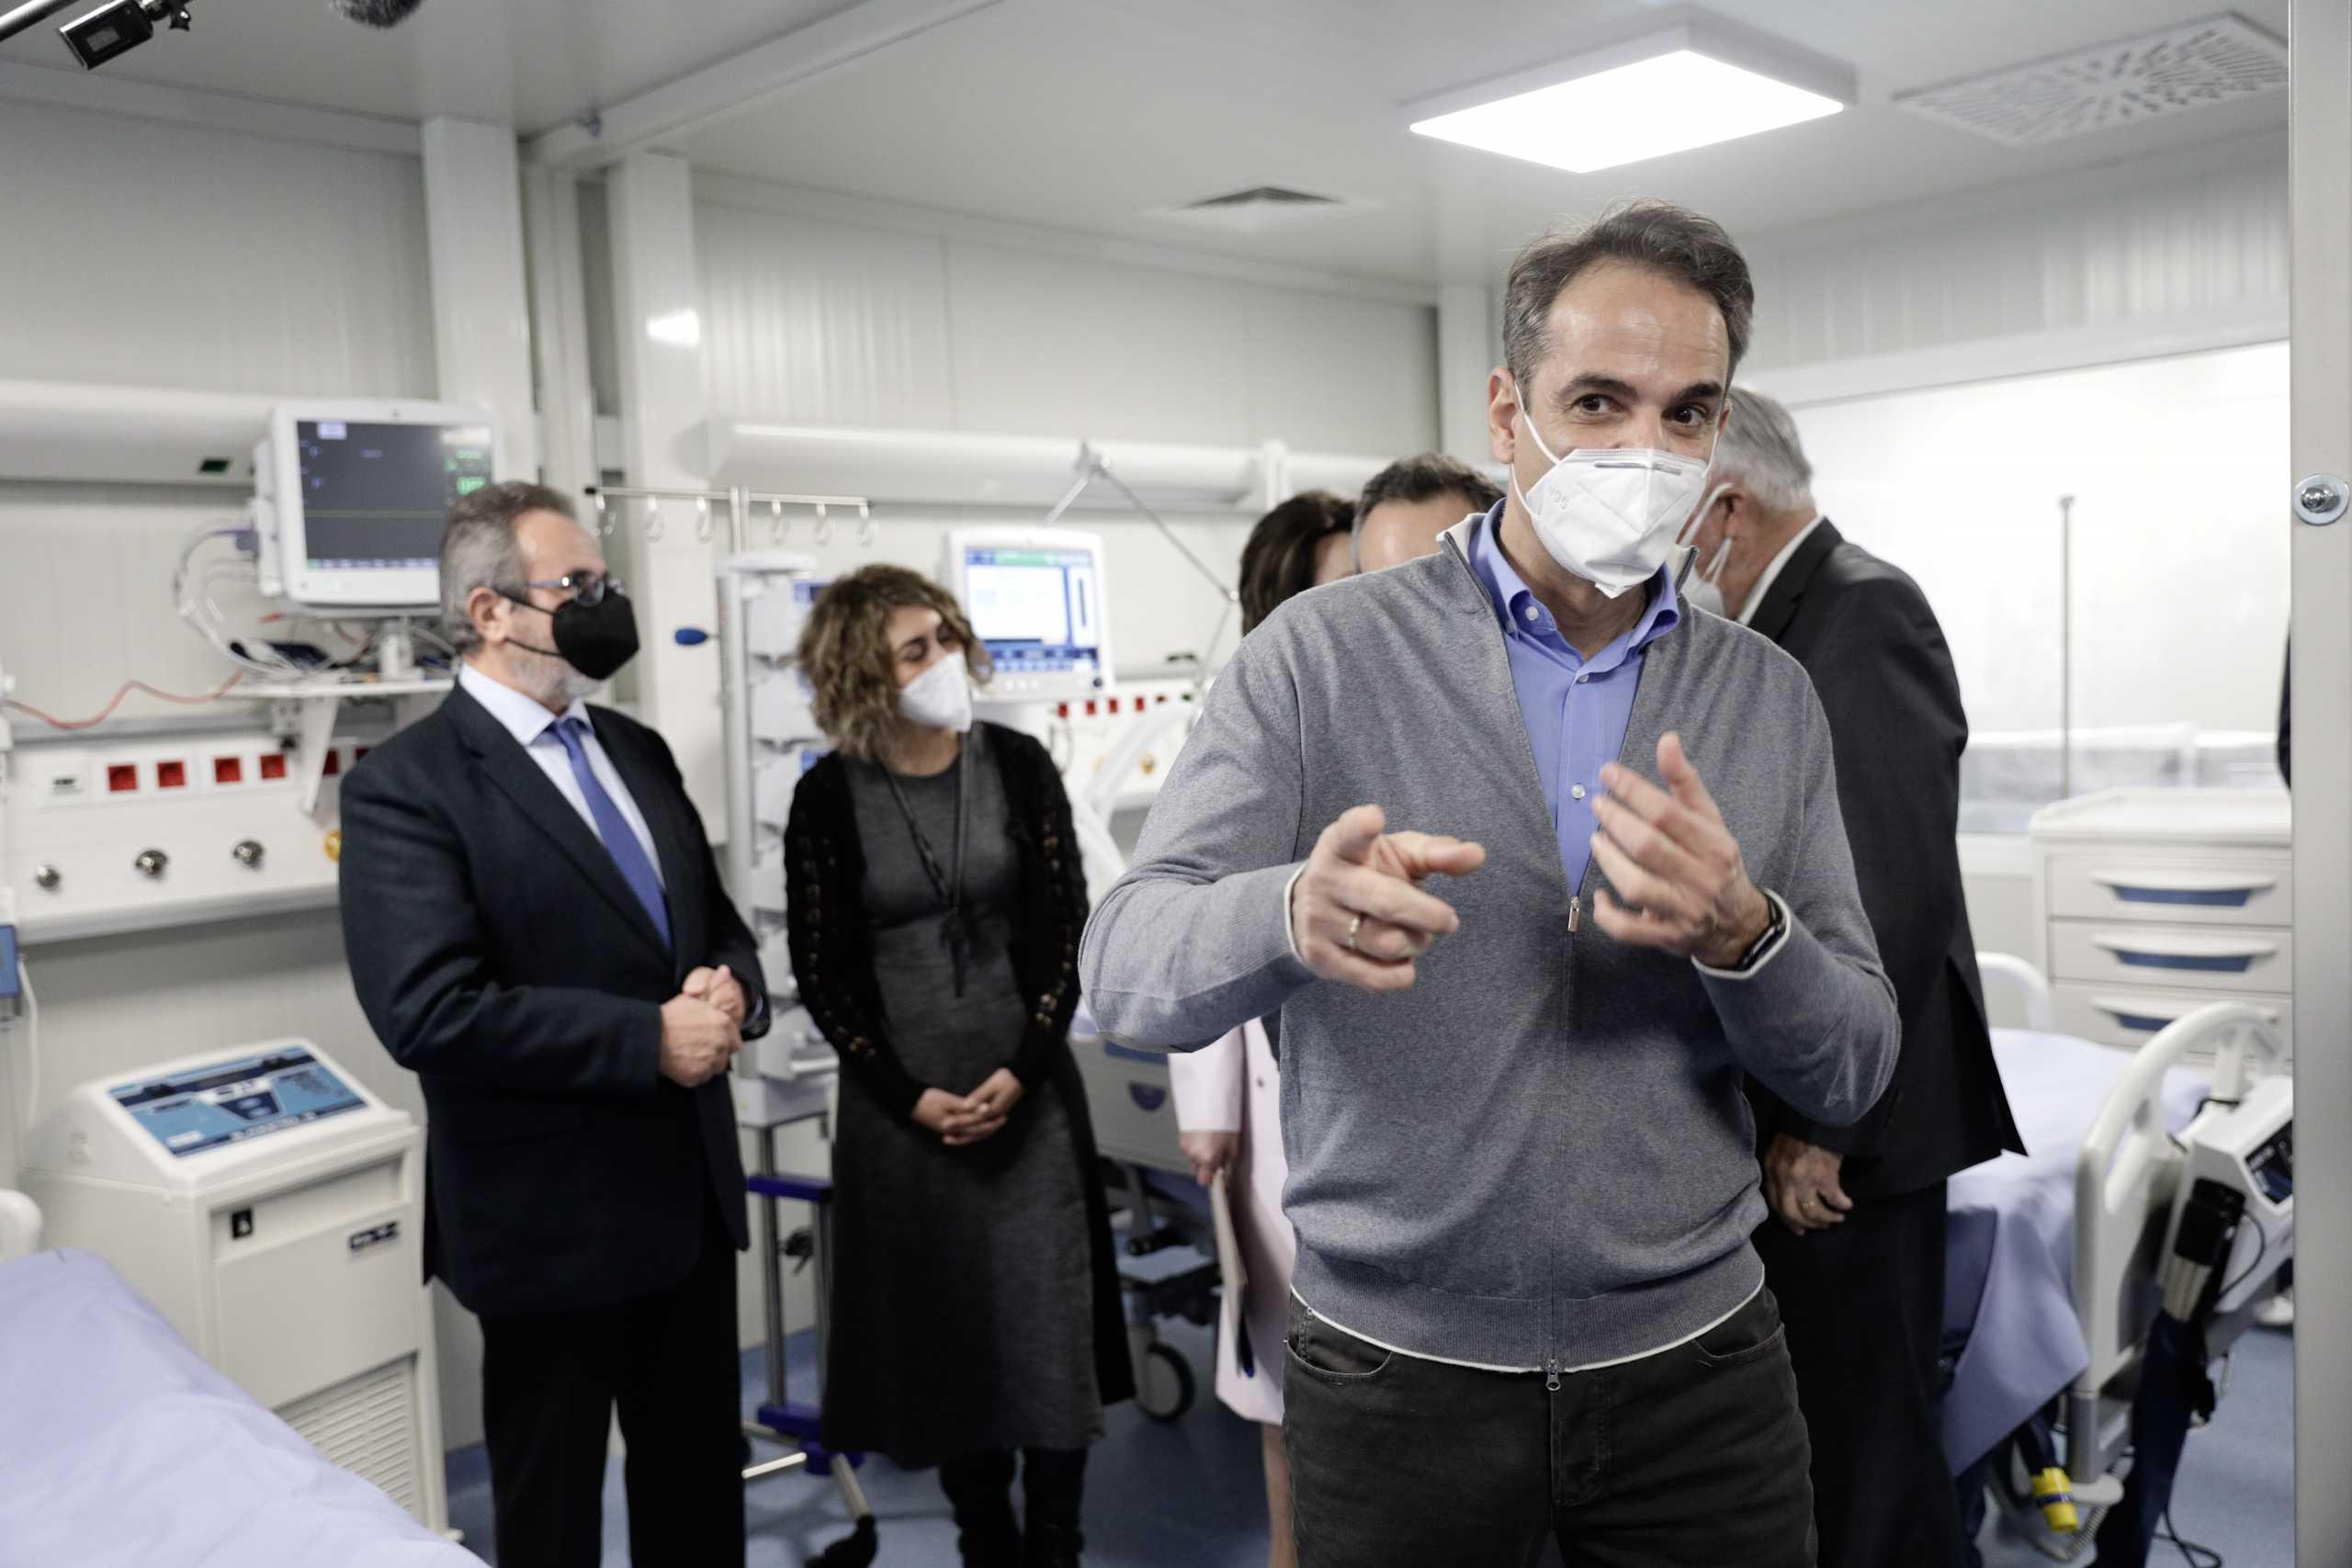 Θεσσαλονίκη: Έτσι ετοιμάστηκε η νέα κινητή ΜΕΘ του νοσοκομείου Παπανικολάου (video)